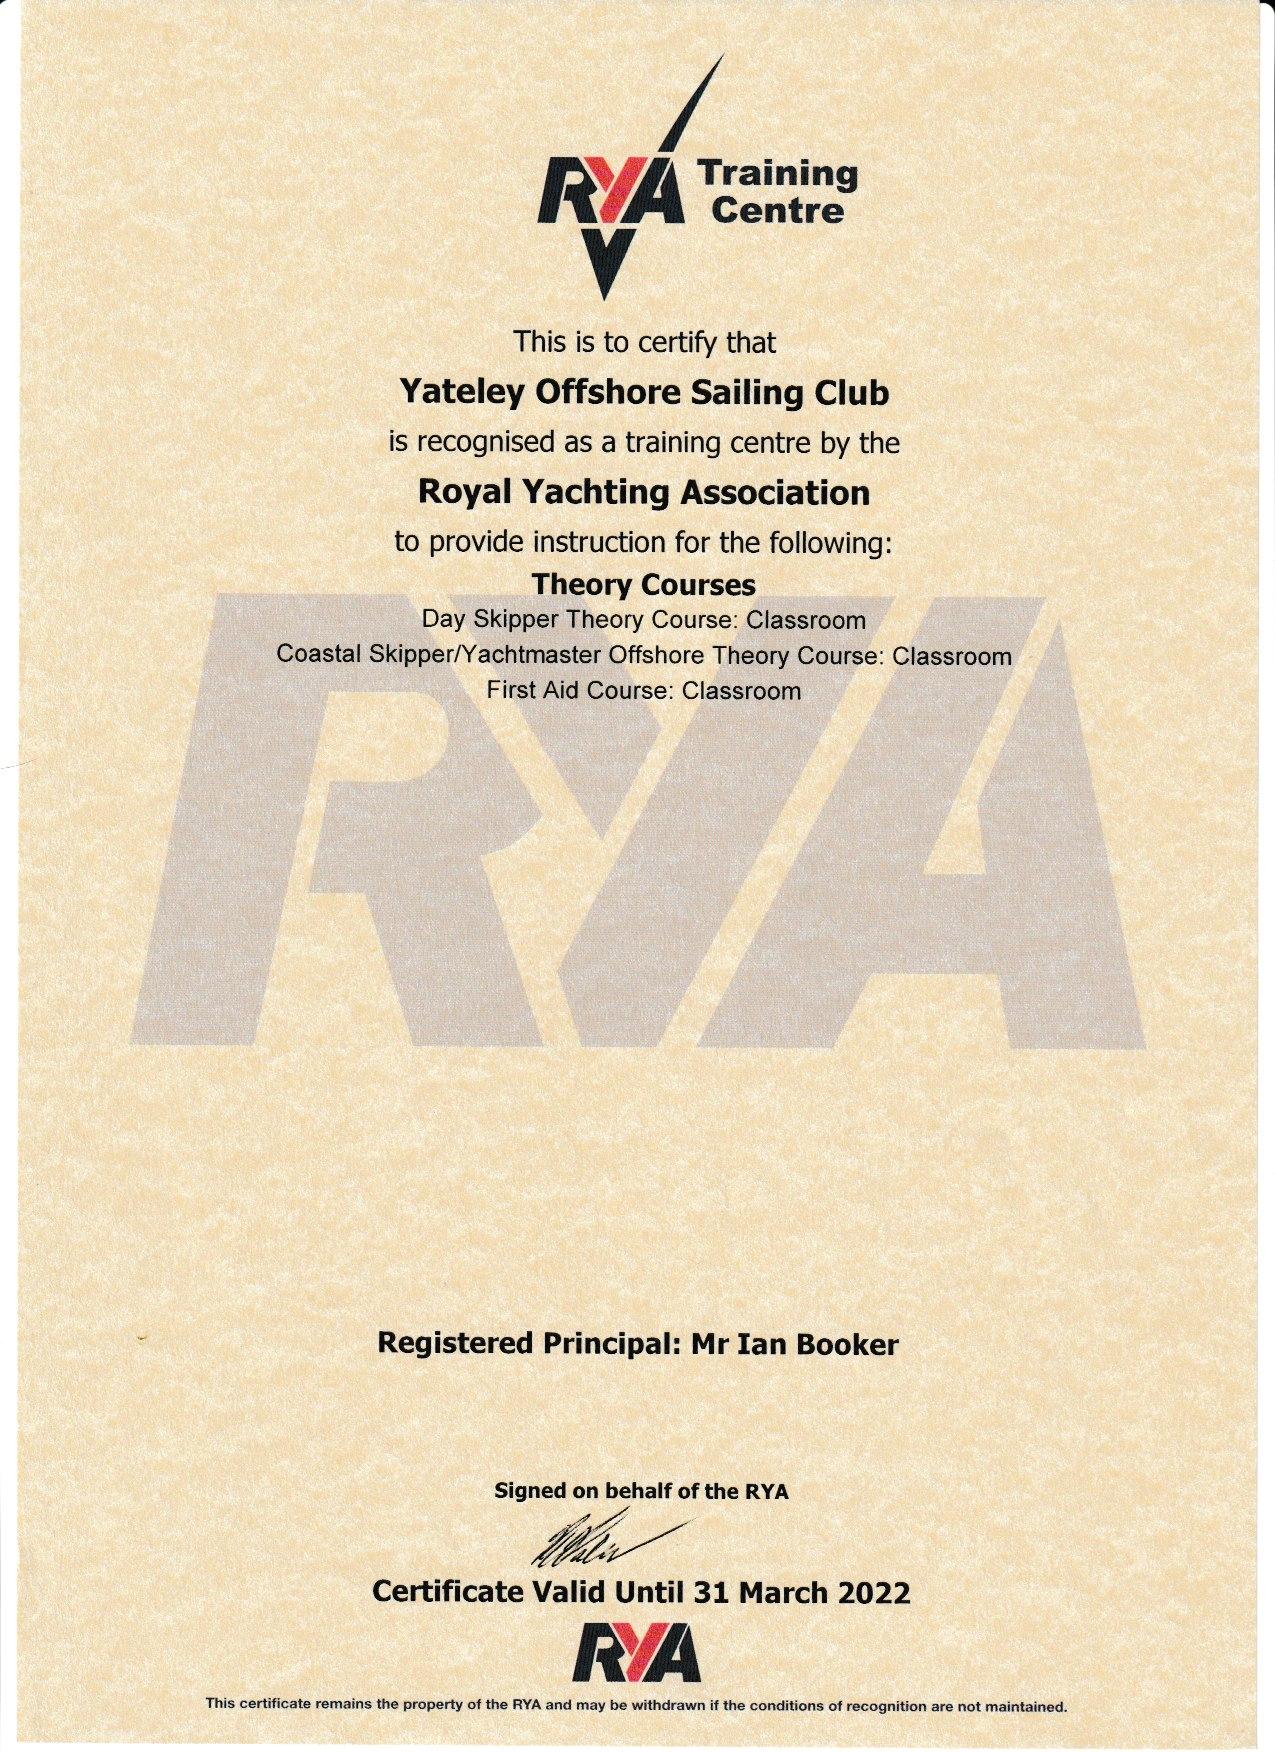 RYA Training Certificate